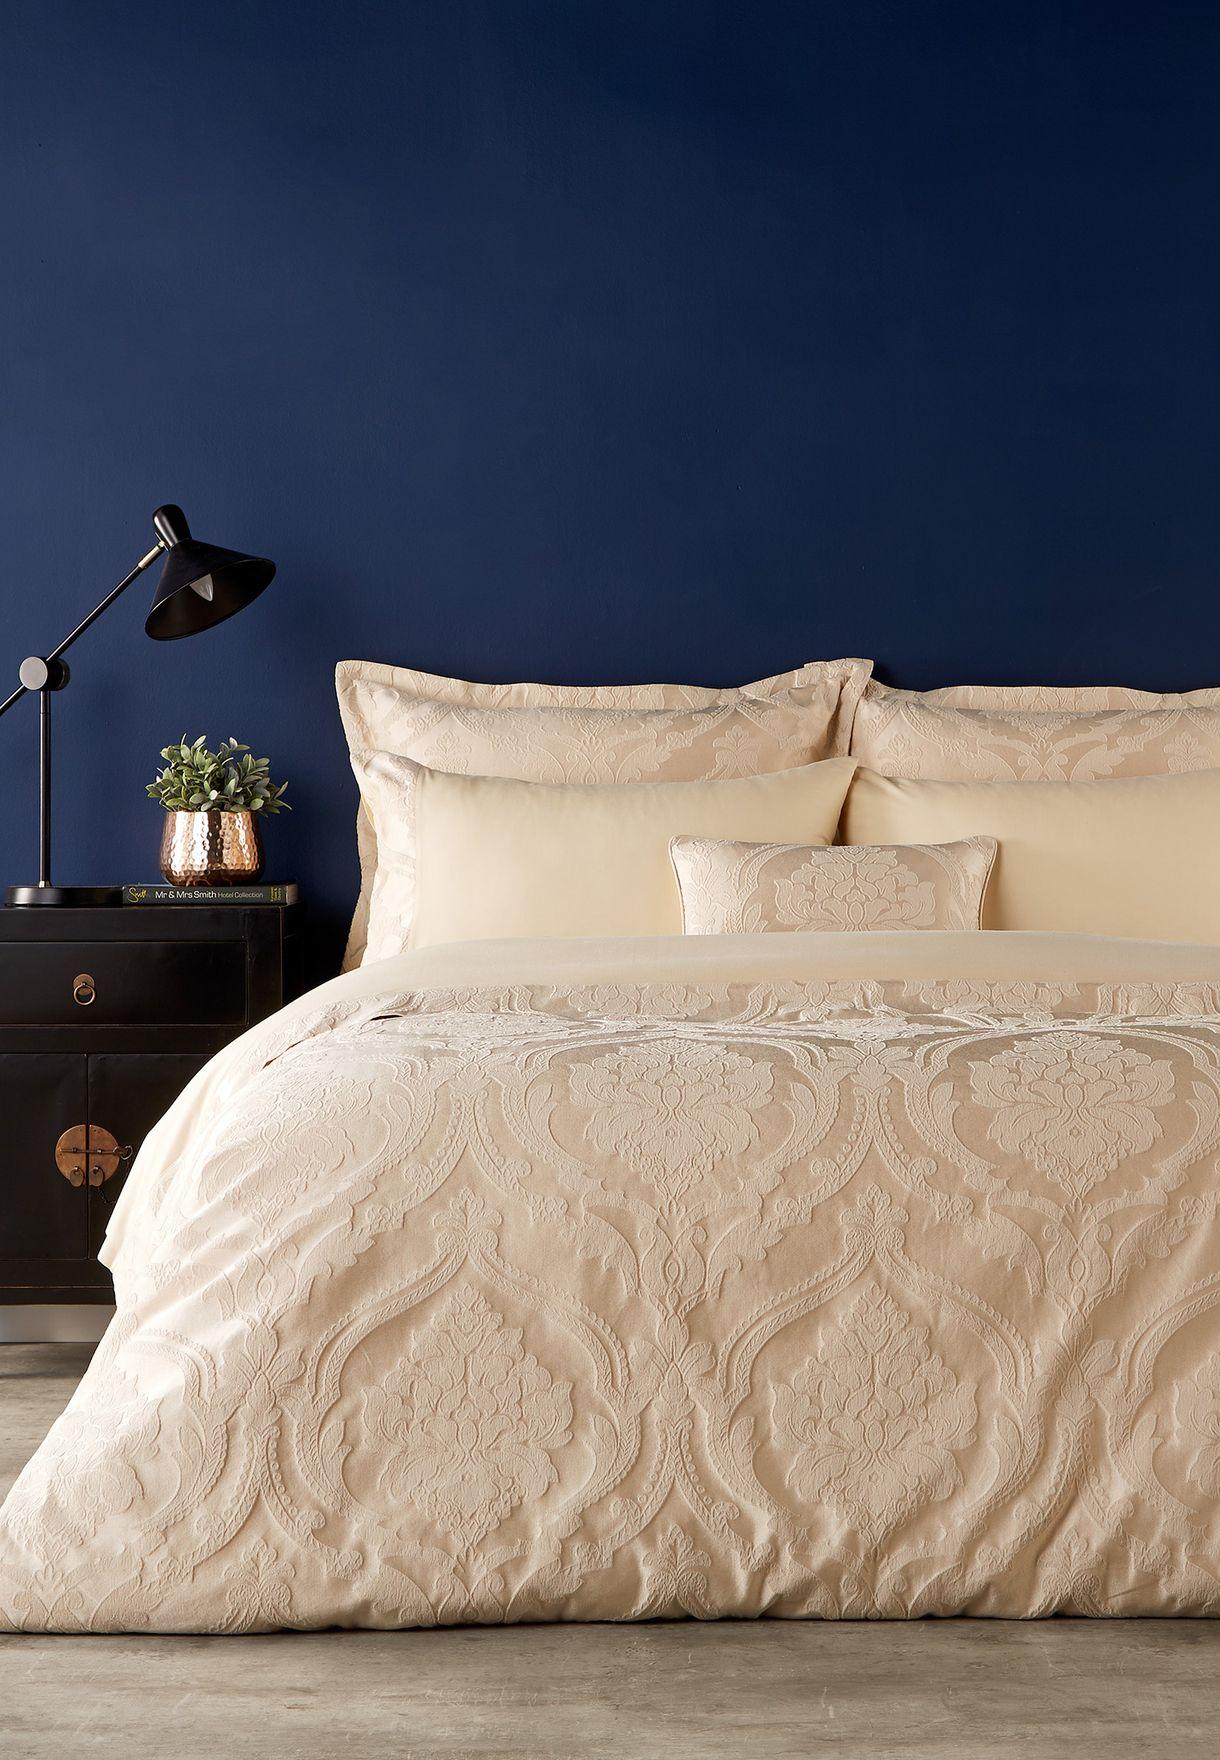 غطاء سرير بالجاكار الدمشقي